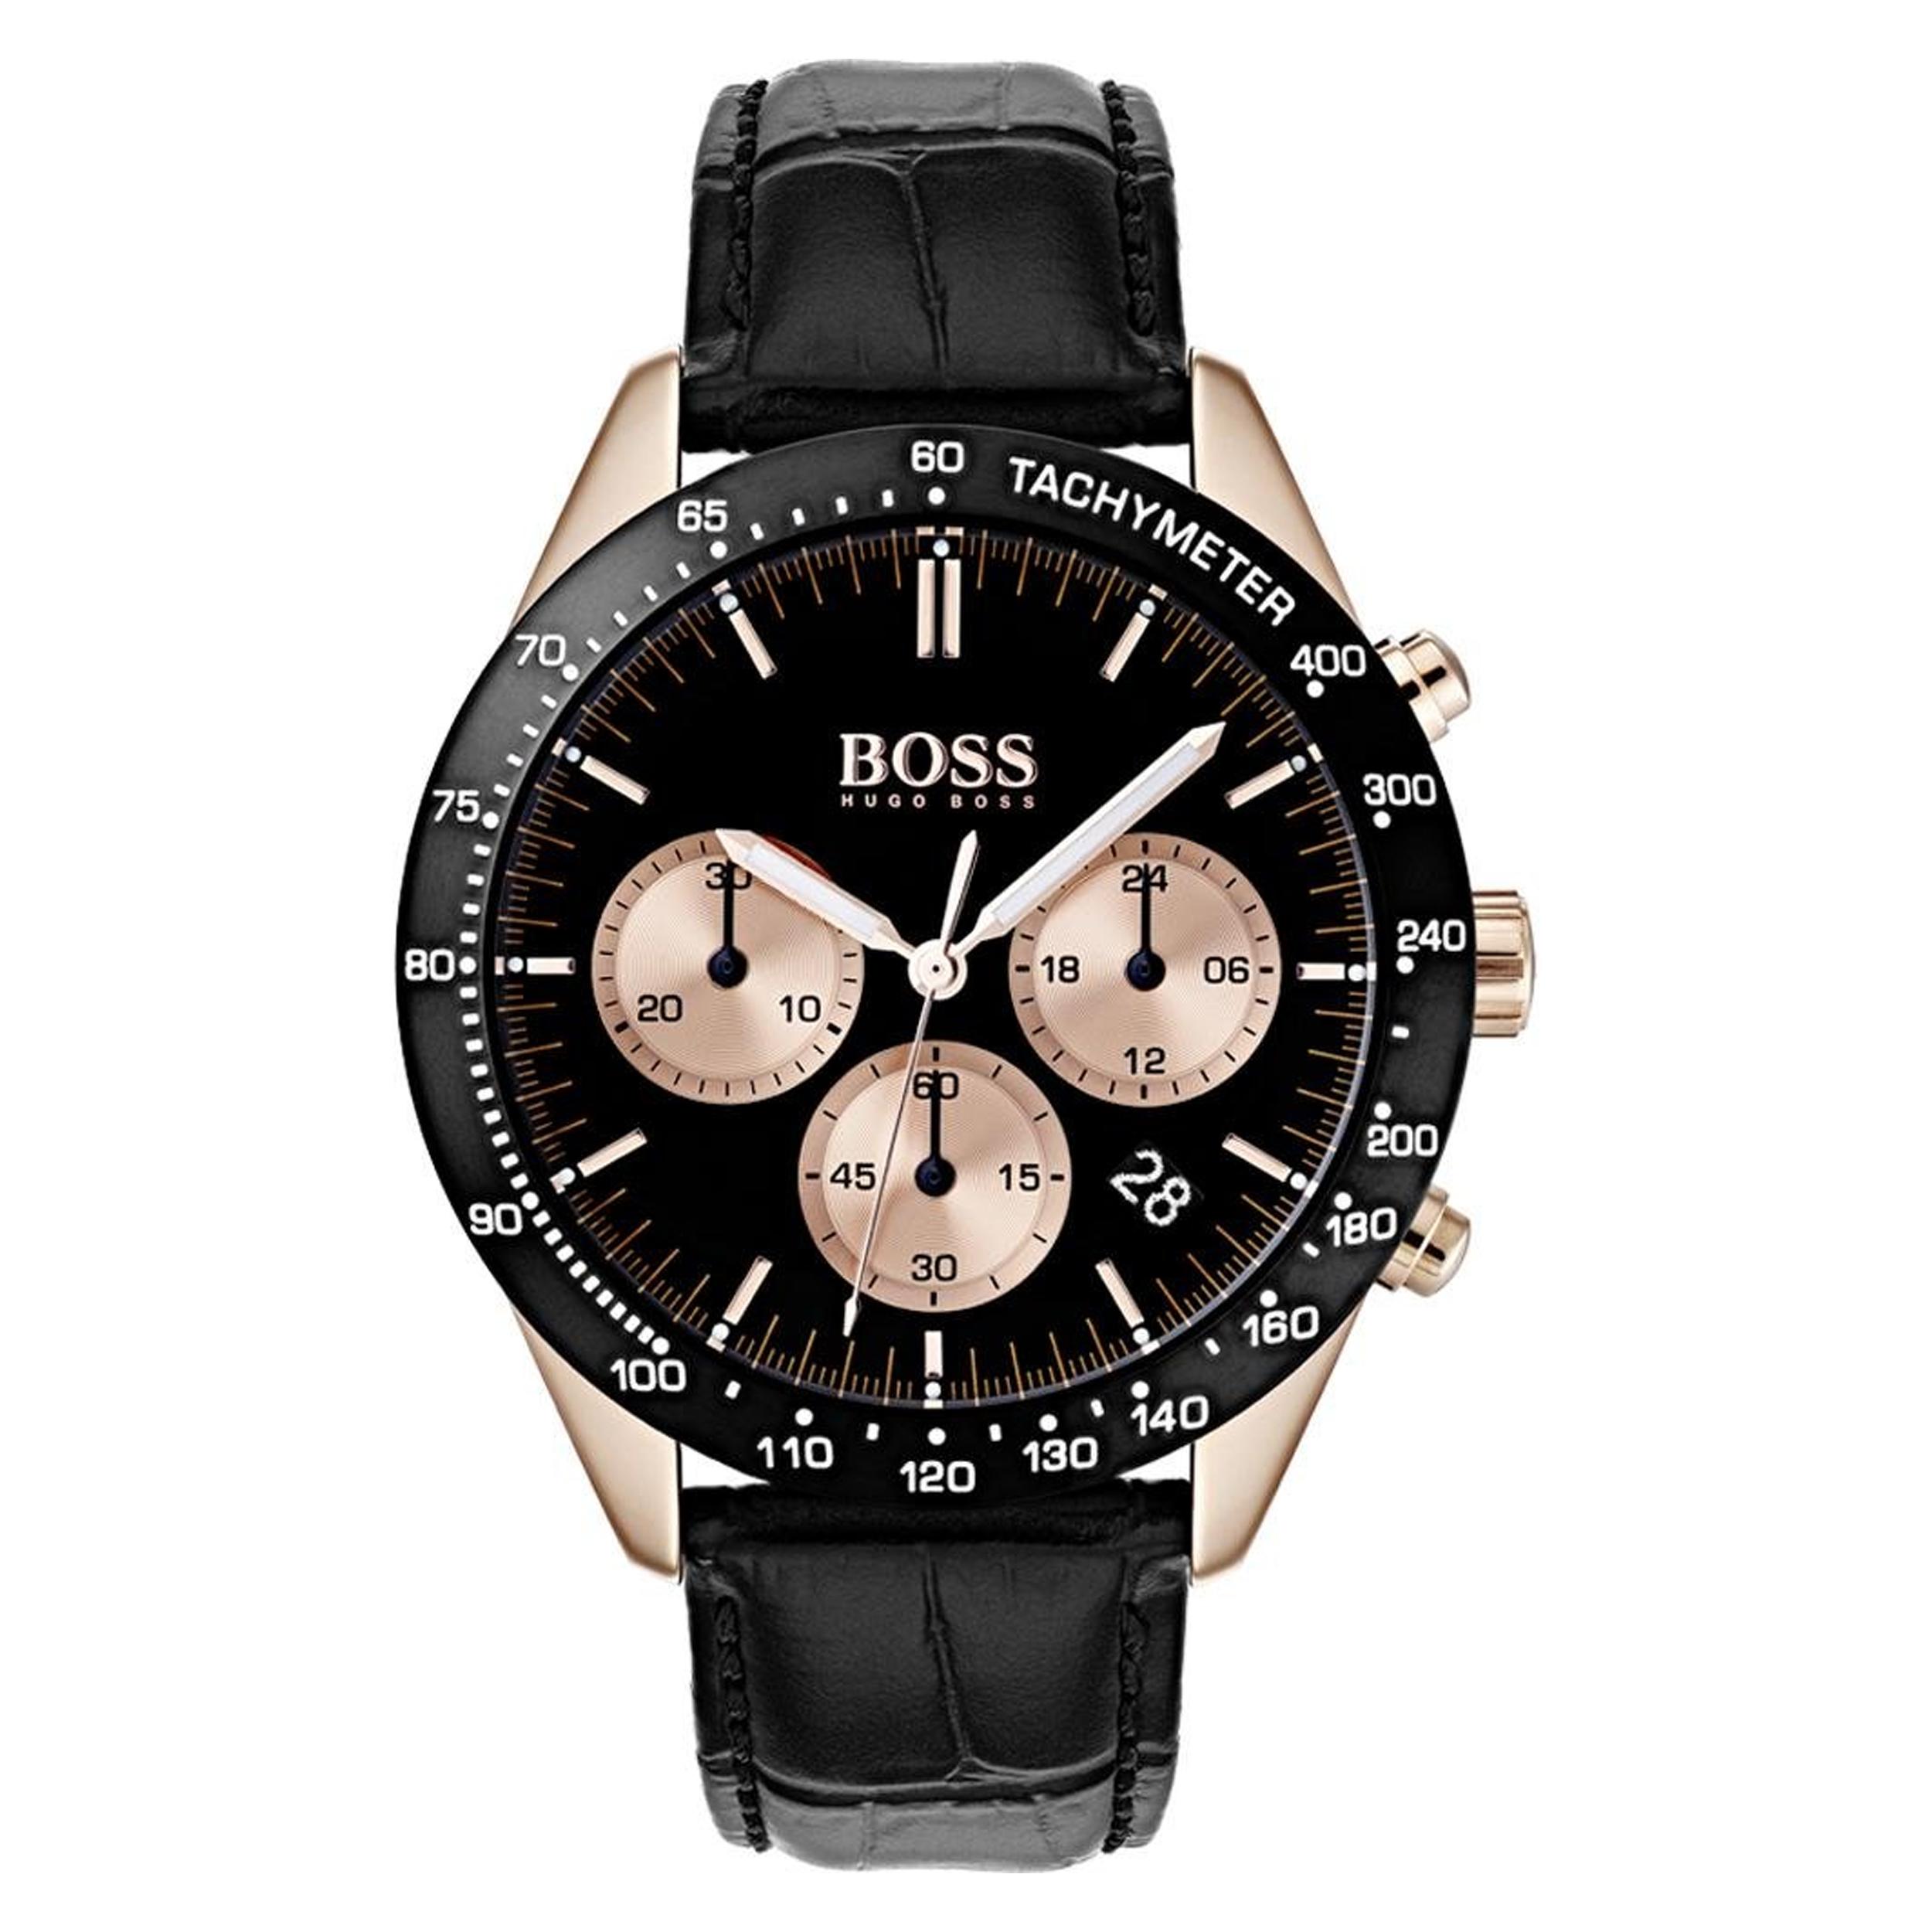 ساعت مچی عقربه ای مردانه هوگو باس مدل 1513580